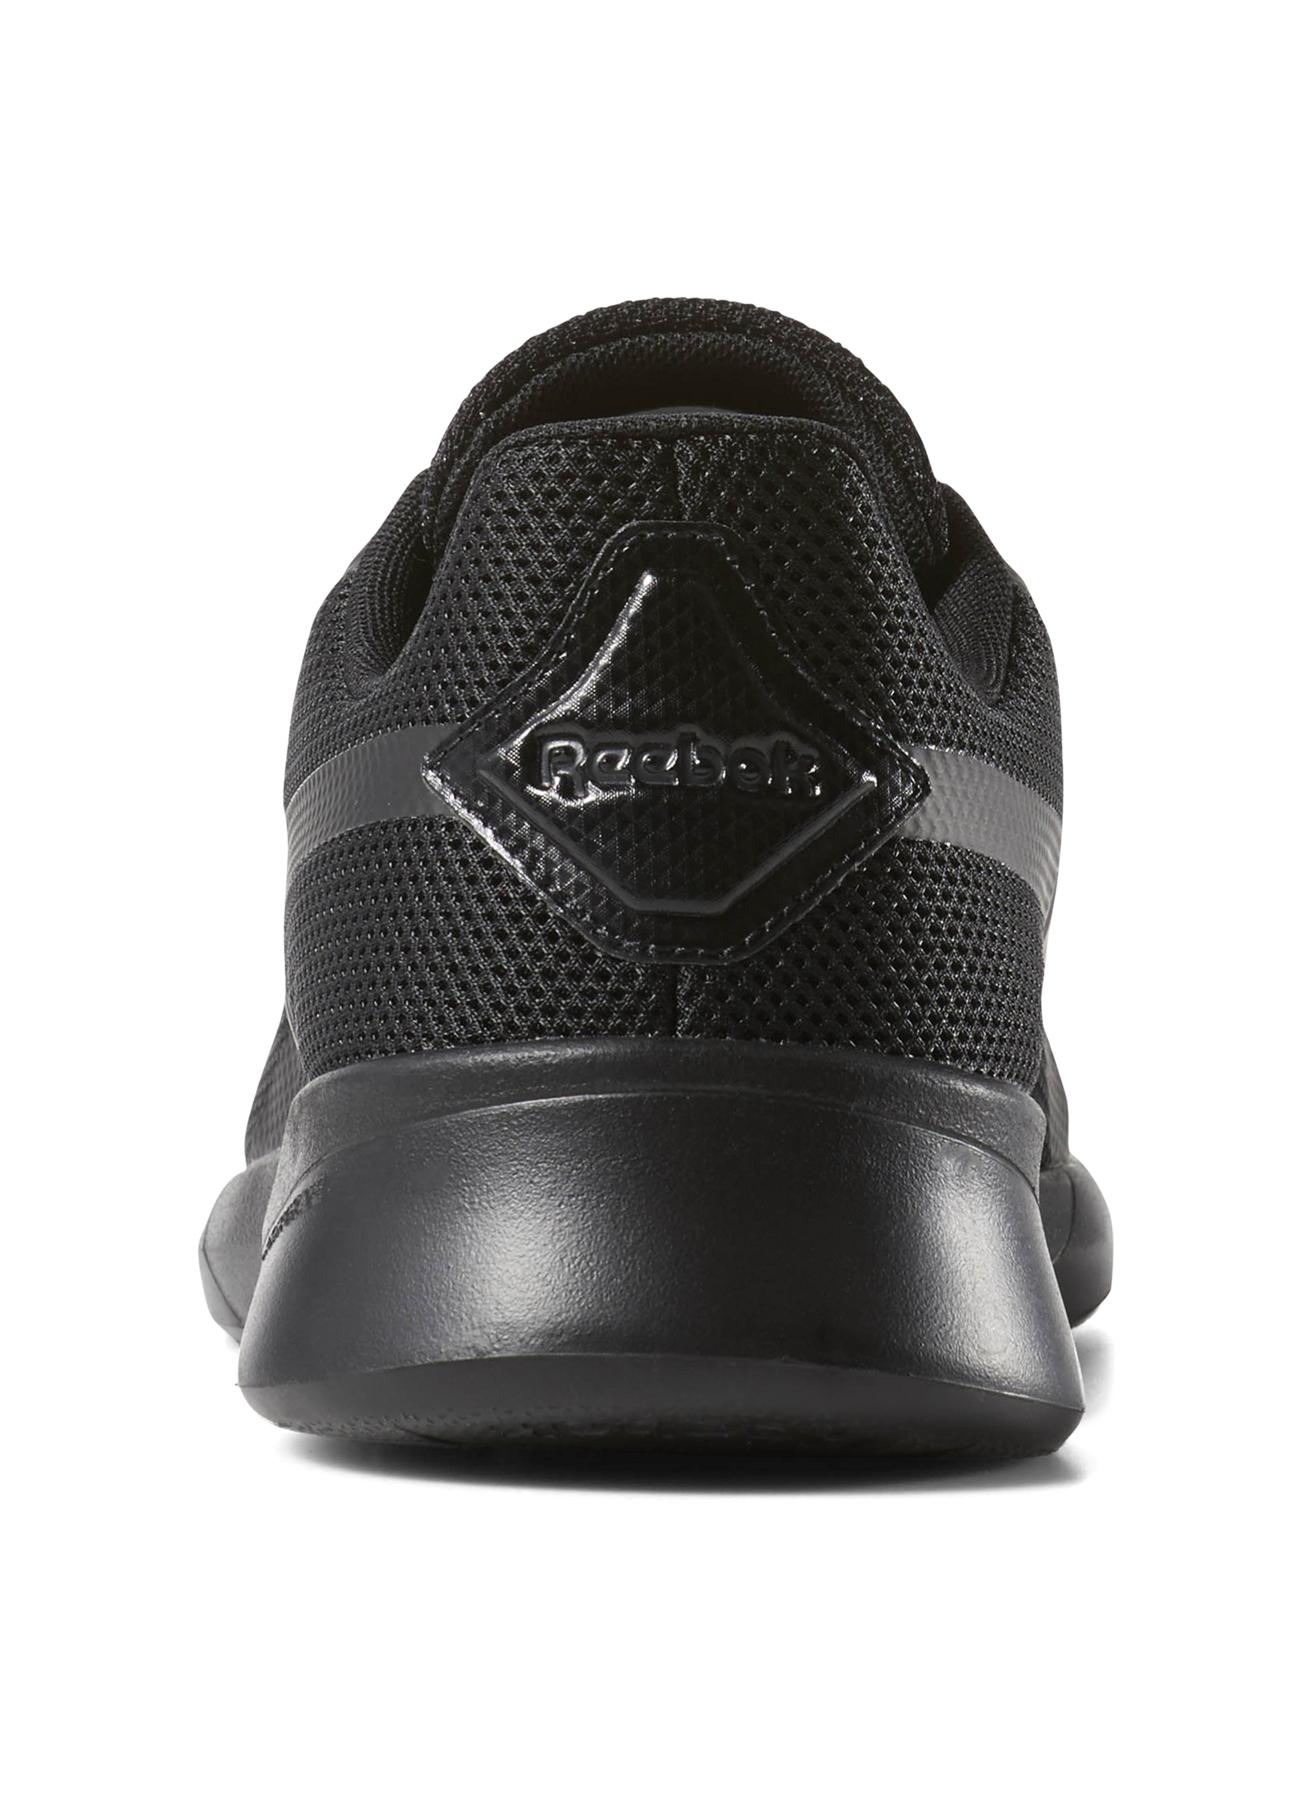 Reebok Lifestyle Ayakkabı 45 5002359643007 Ürün Resmi